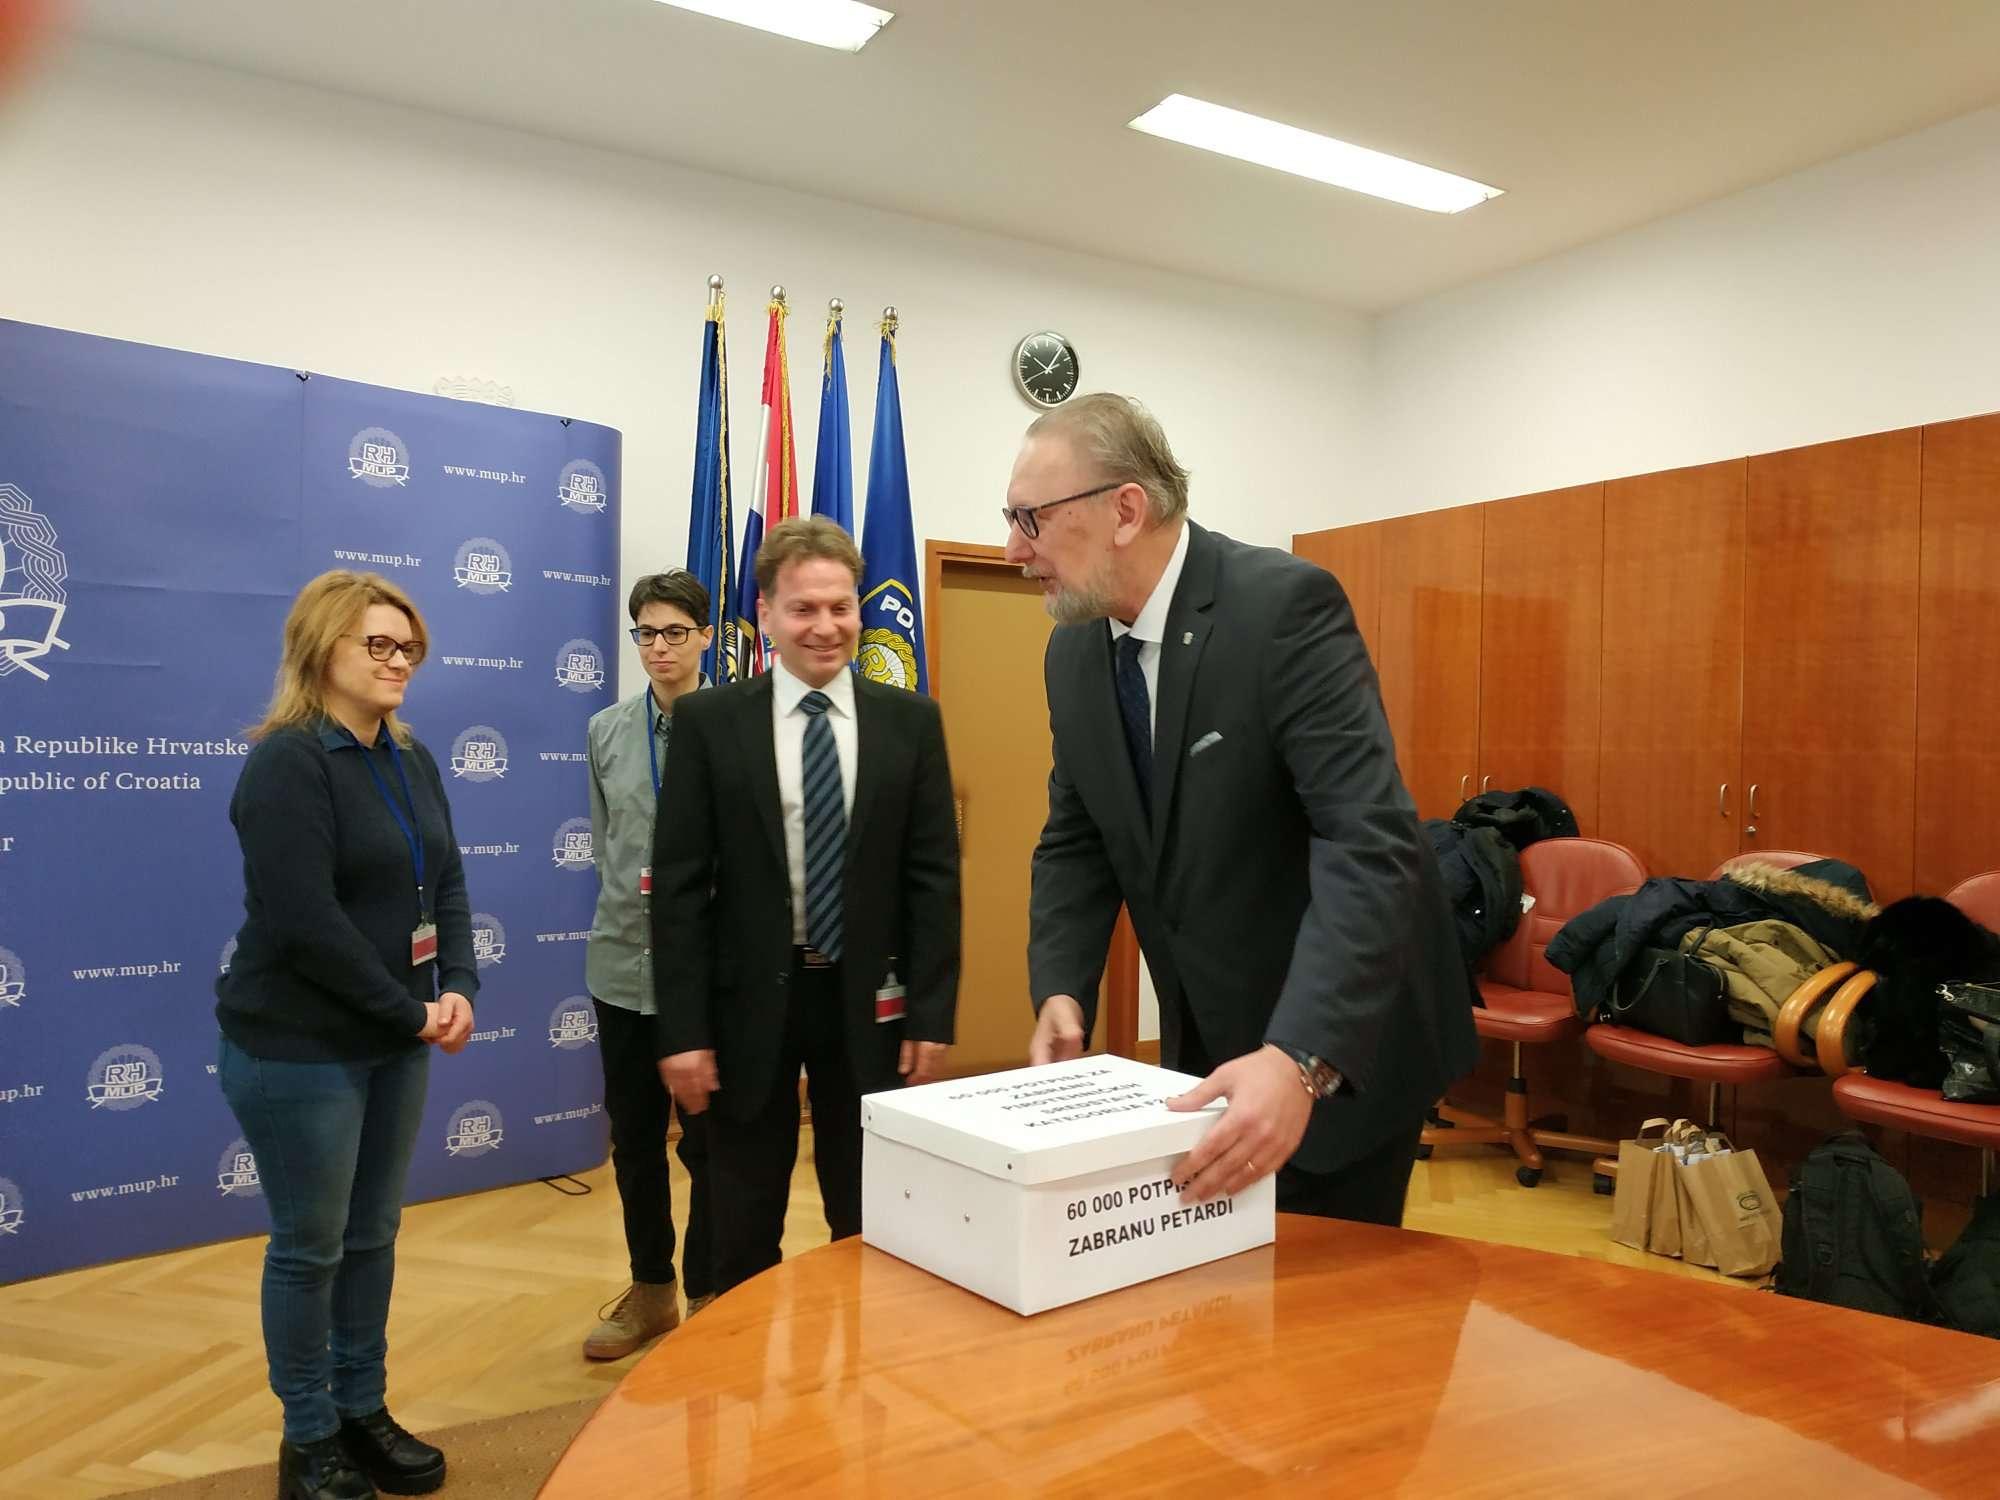 (FOTO i VIDEO) Prijatelji životinja ministru policije Božinoviću predali 60 000 potpisa za zabranu petardi!